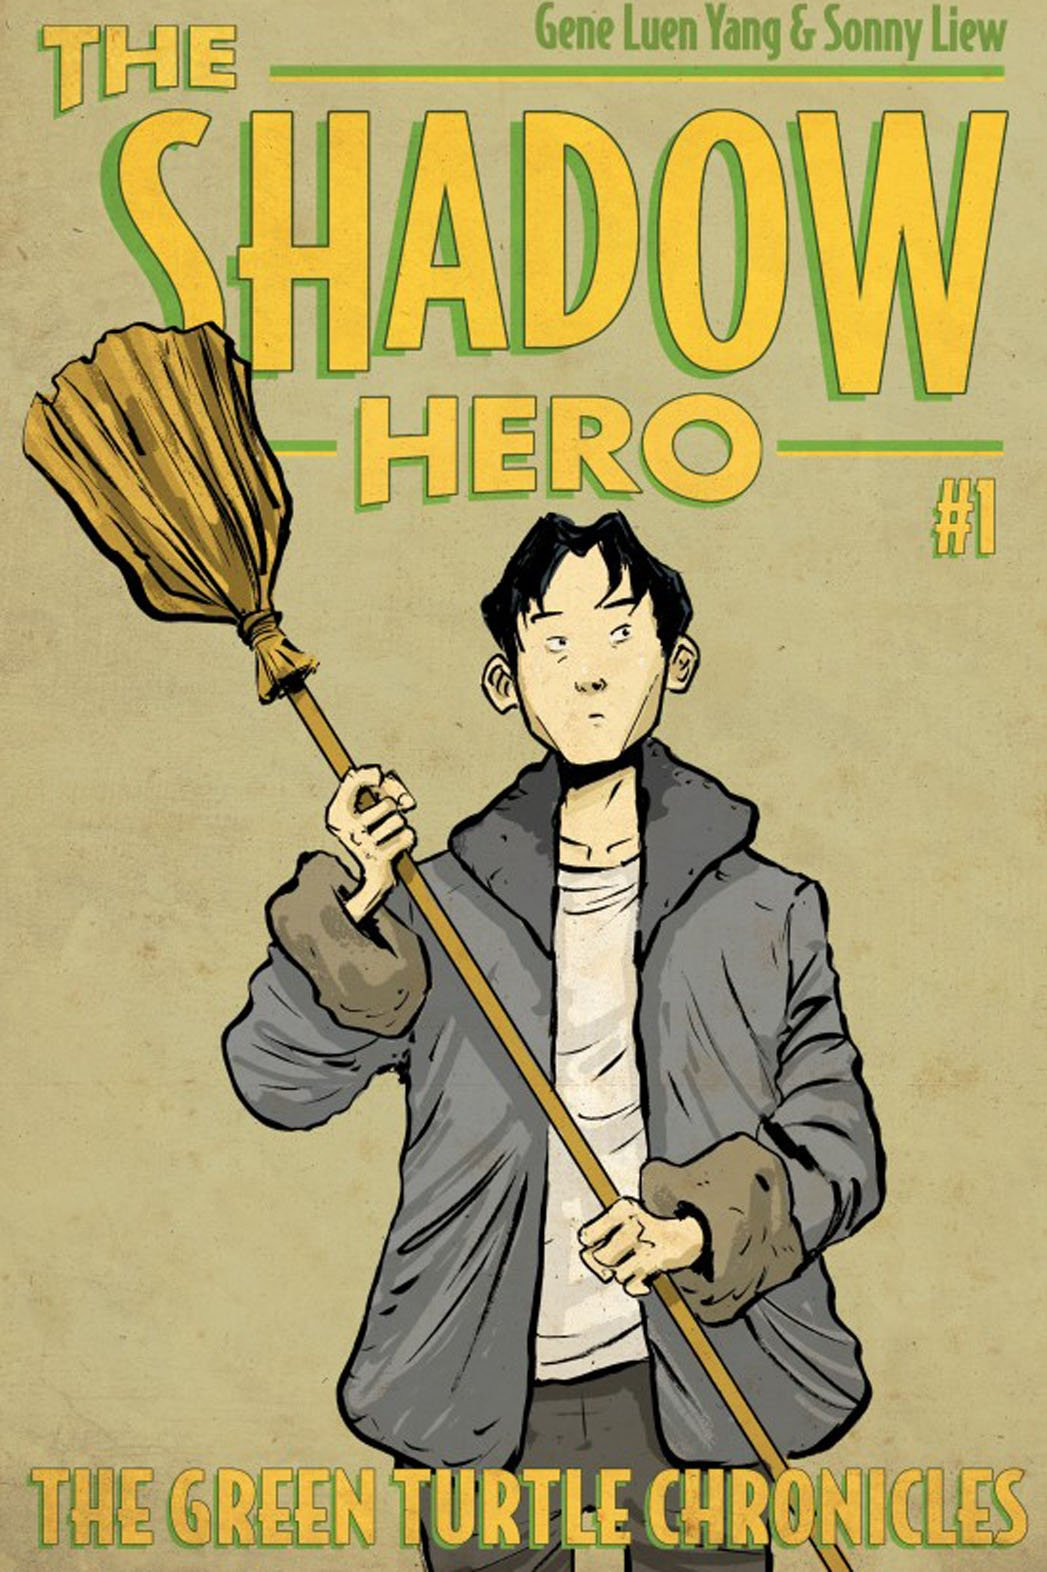 The shadow hero: Il ritorno di Green Turtle